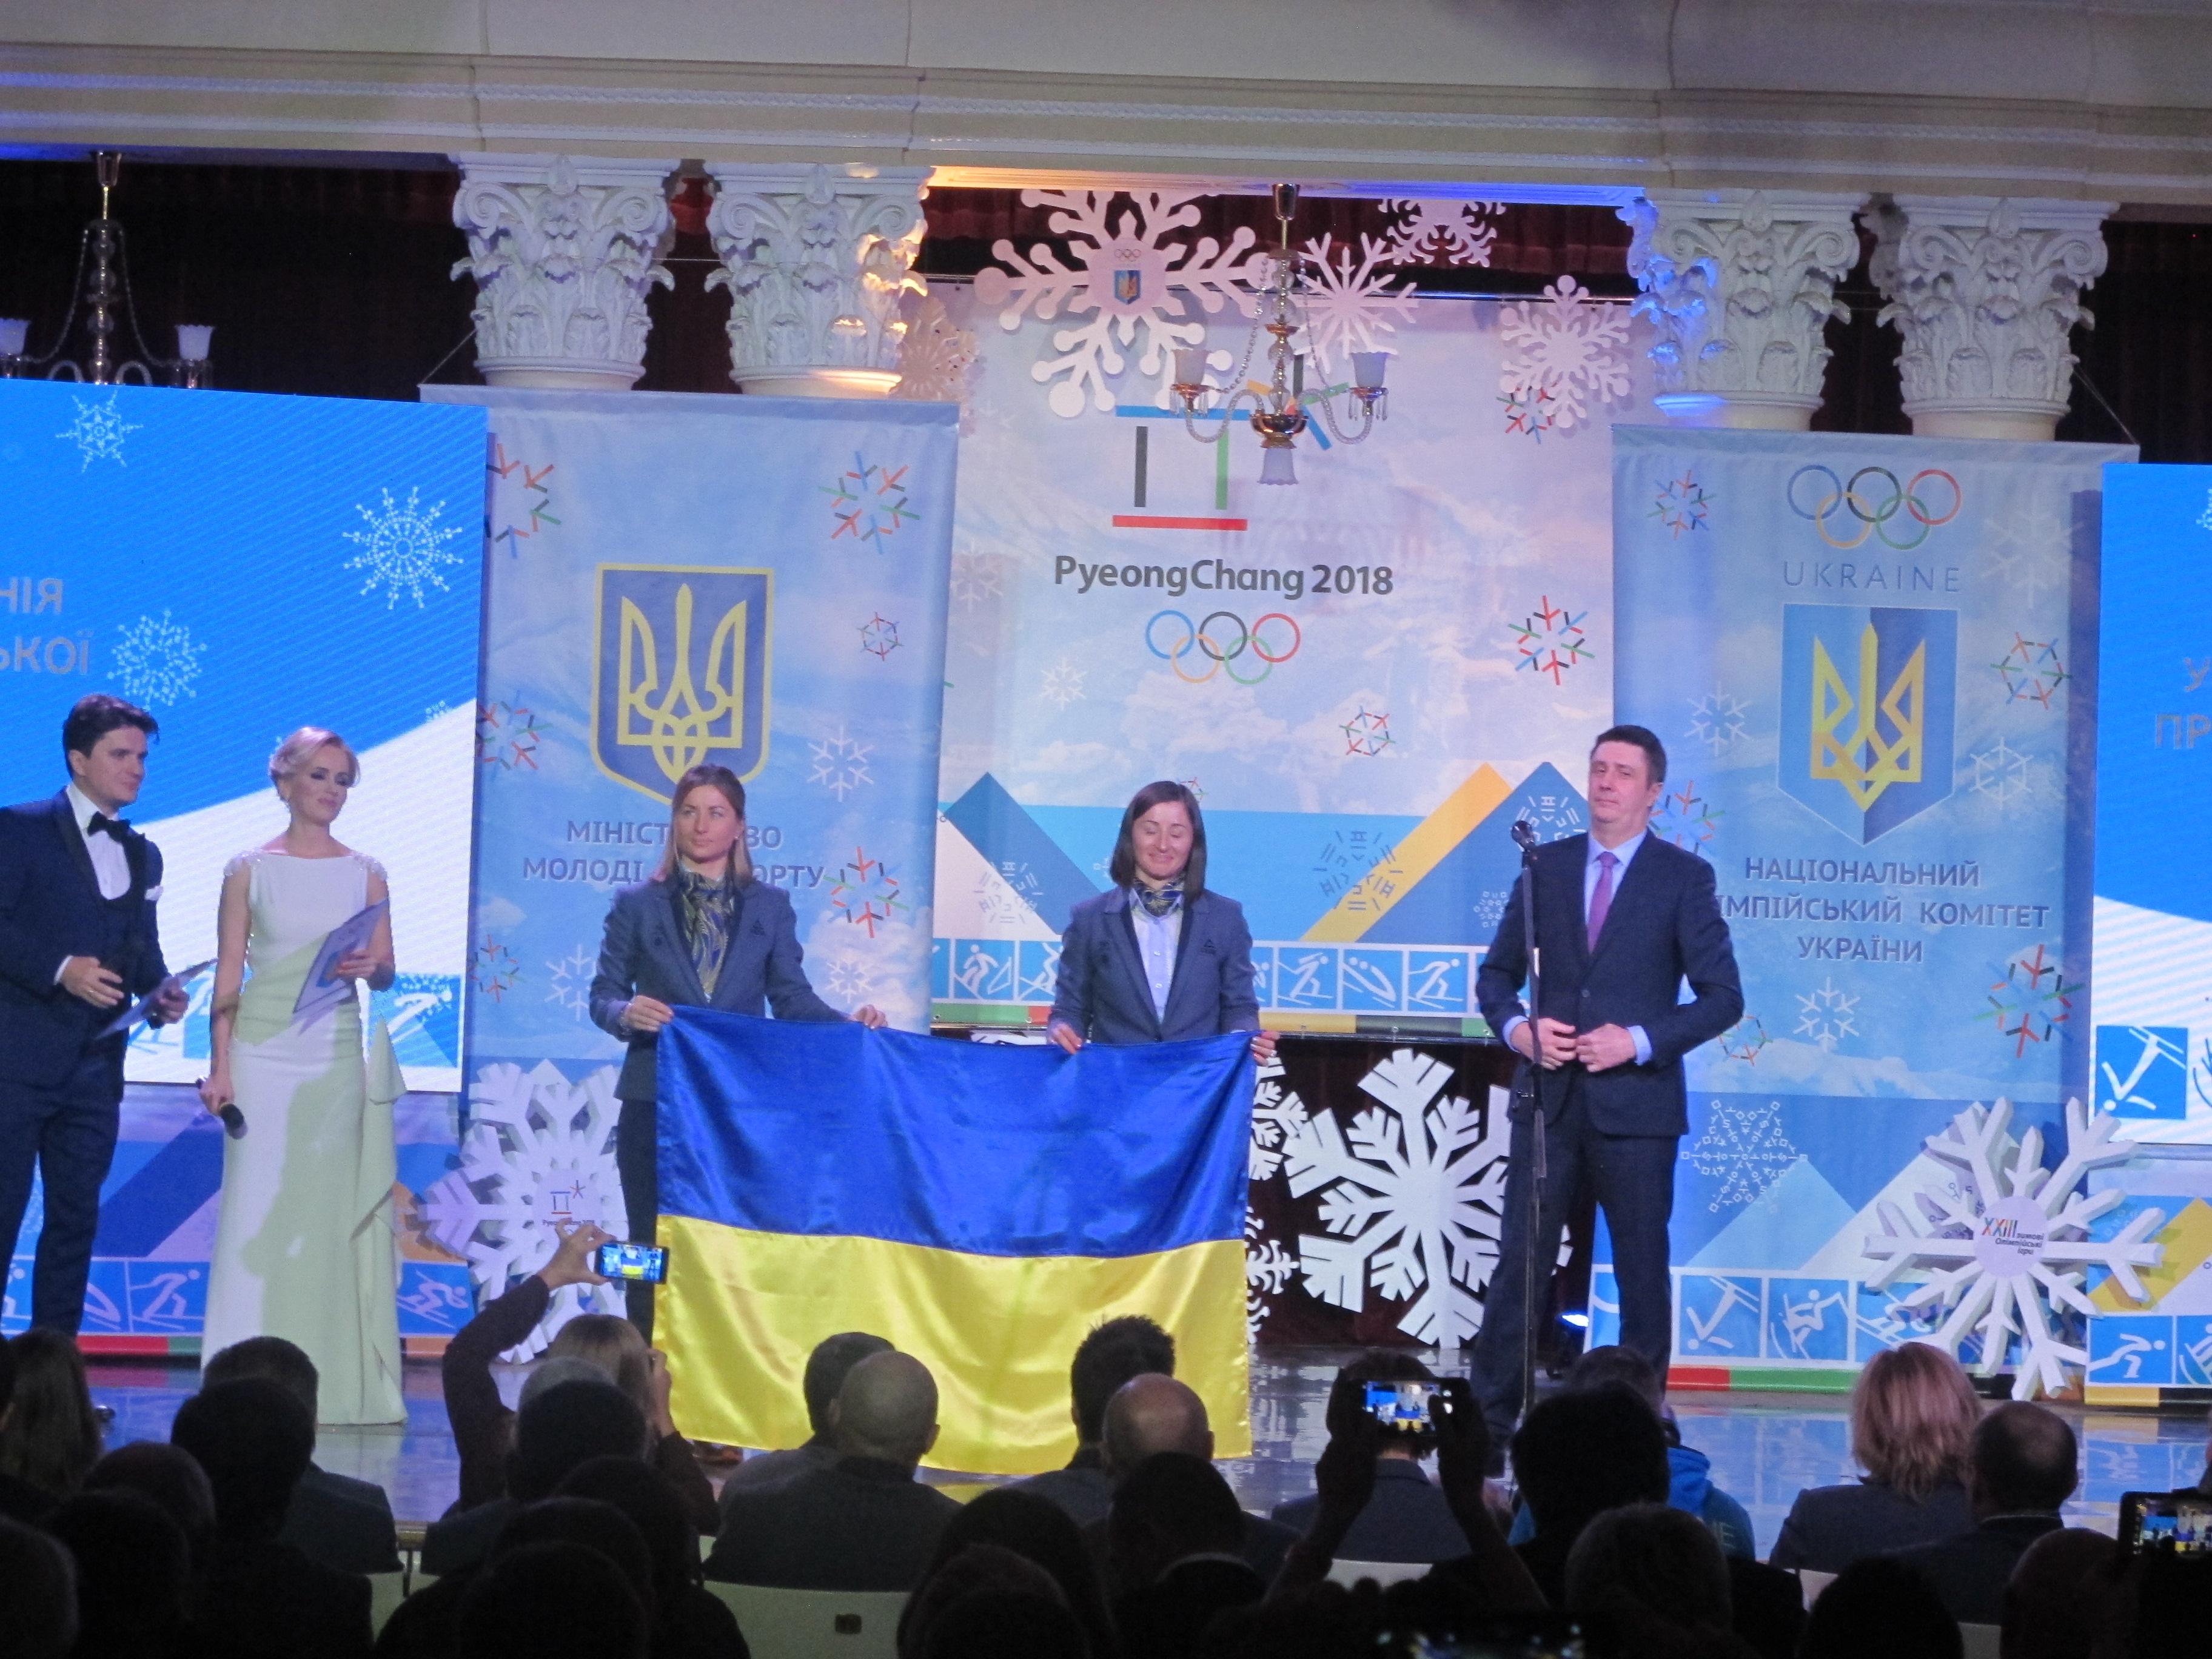 Сборная Украины не очень большая- защищать честь страны на Олимпиаде в Пхенчхане будет 31 спортсмен